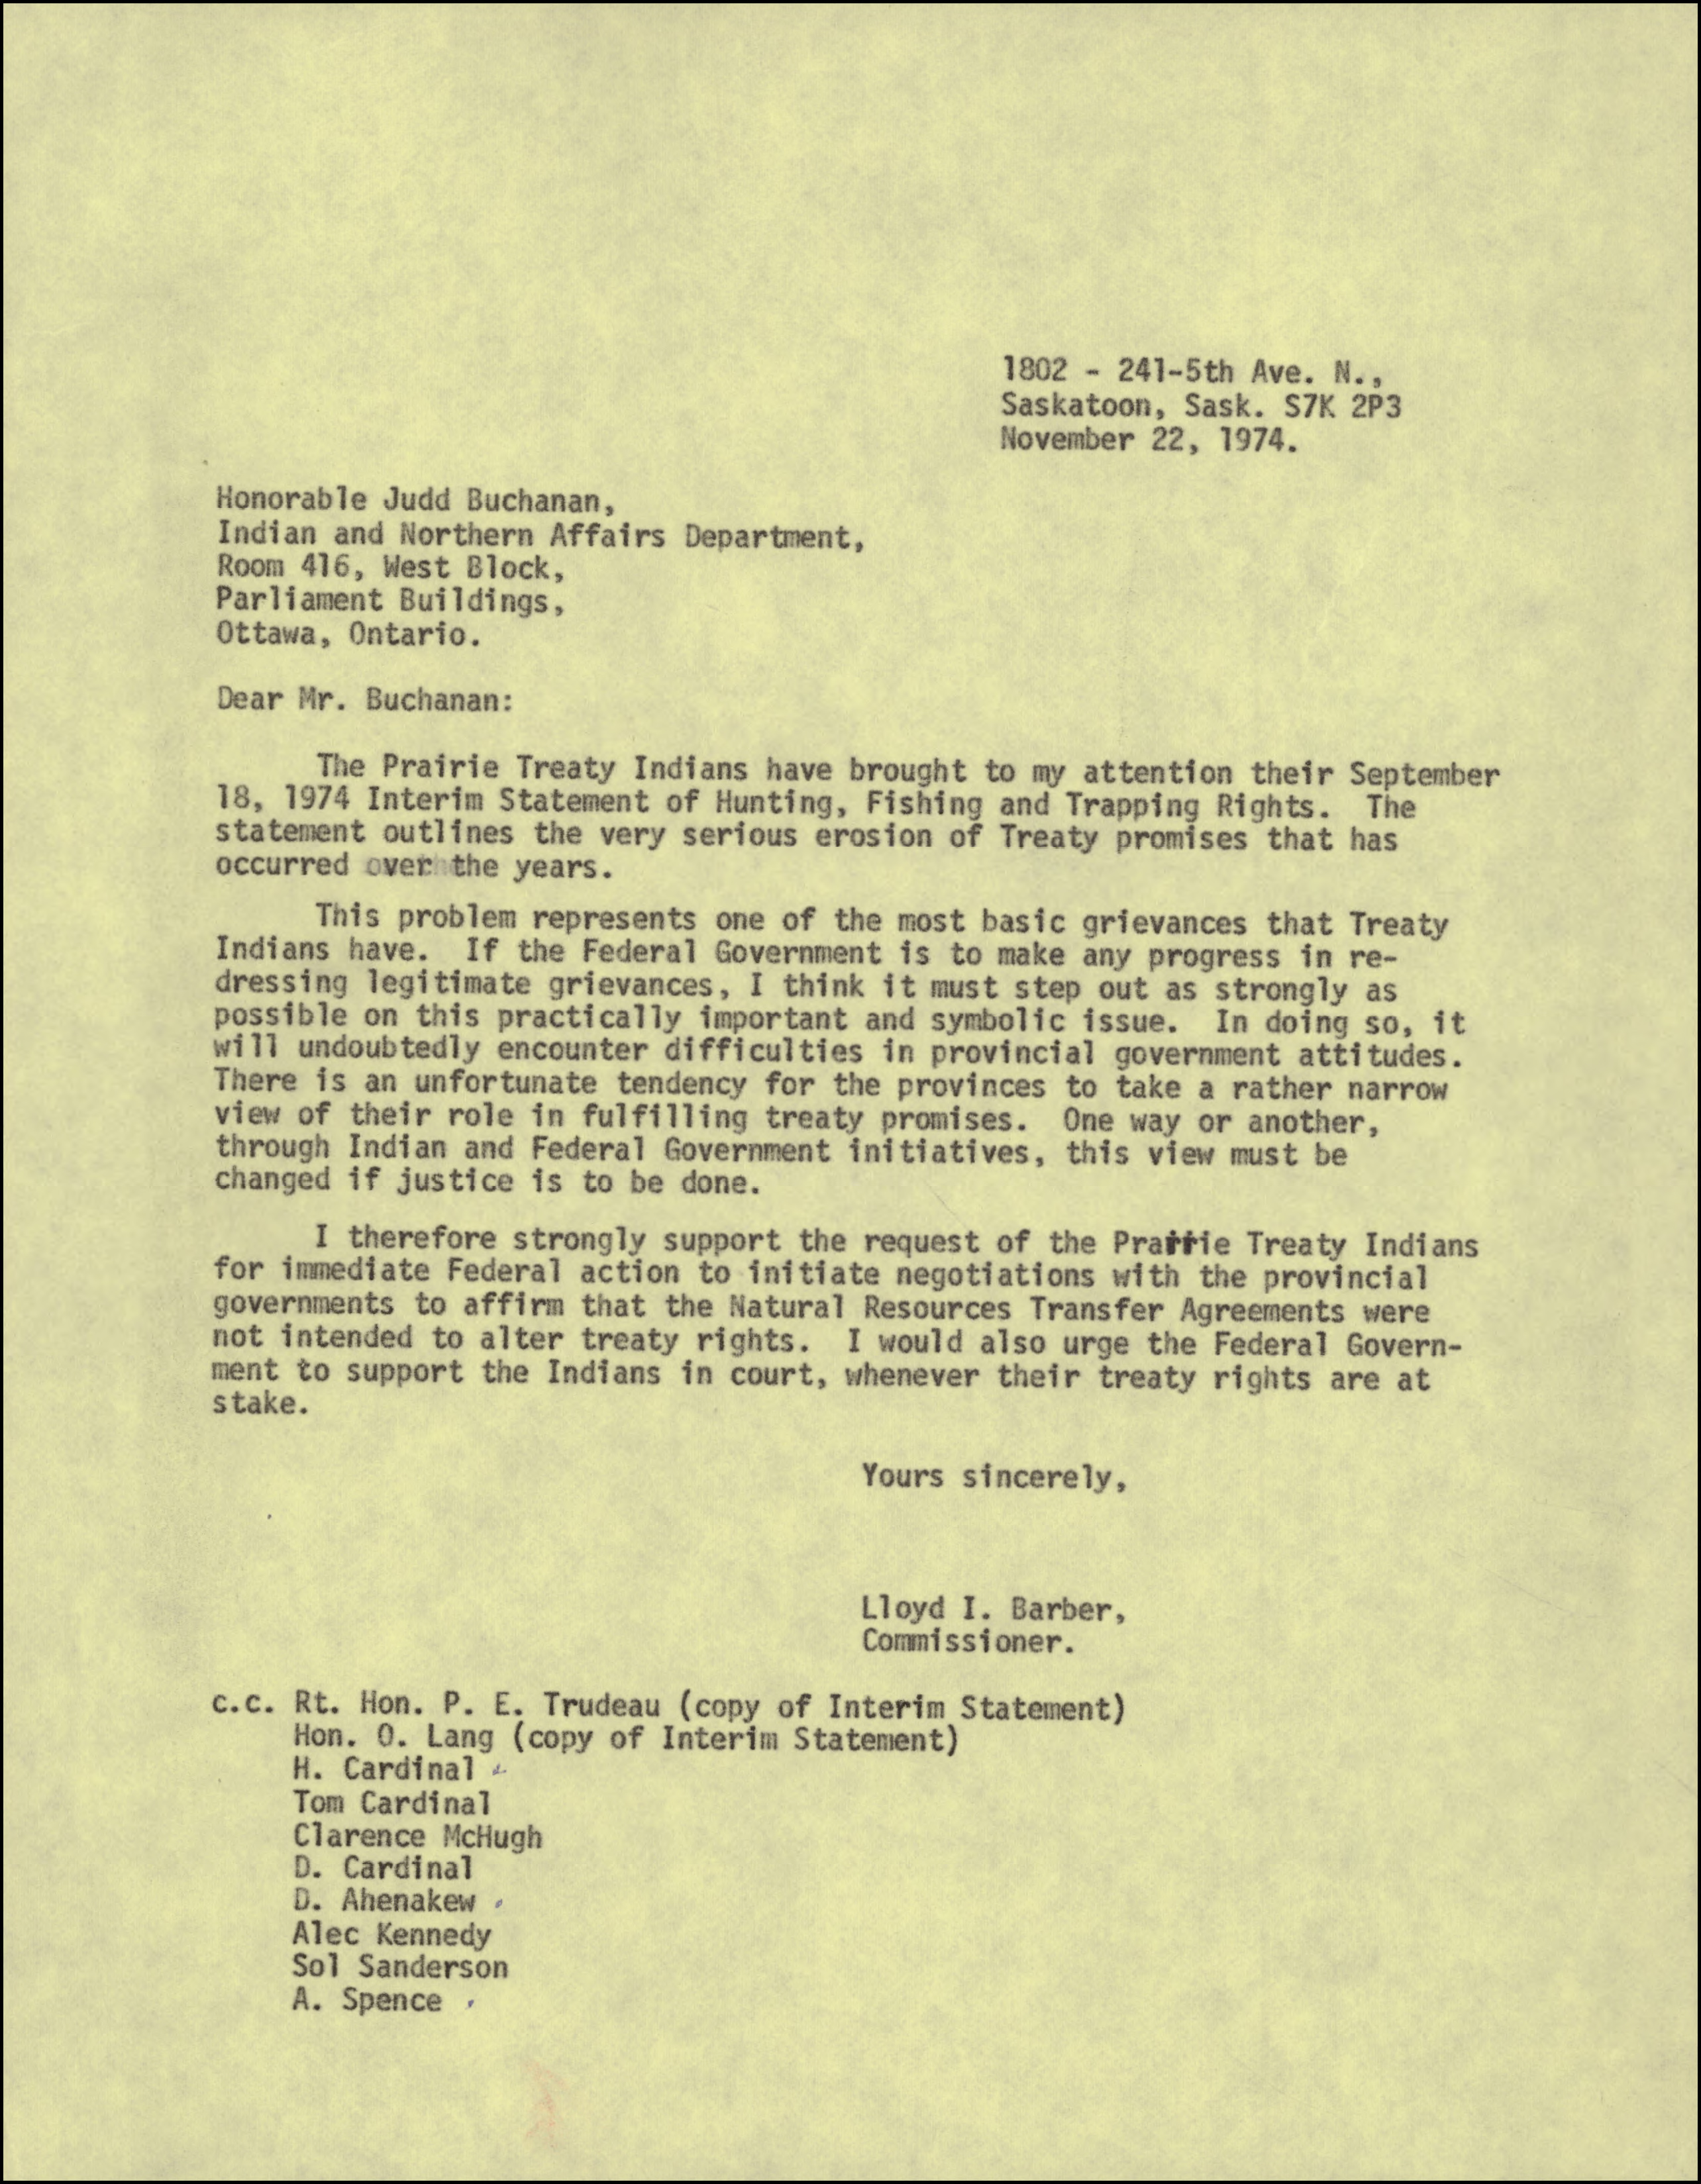 Lettre tapuscrite datée du 22 novembre 1974 envoyée par le commissaire des revendications des Indiens, Lloyd I. Barber, au sous-ministre des Affaires indiennes et du Nord canadien, Judd Buchanan. L'auteur demande au gouvernement fédéral de défendre les droits autochtones issus de traités contre les violations provinciales.